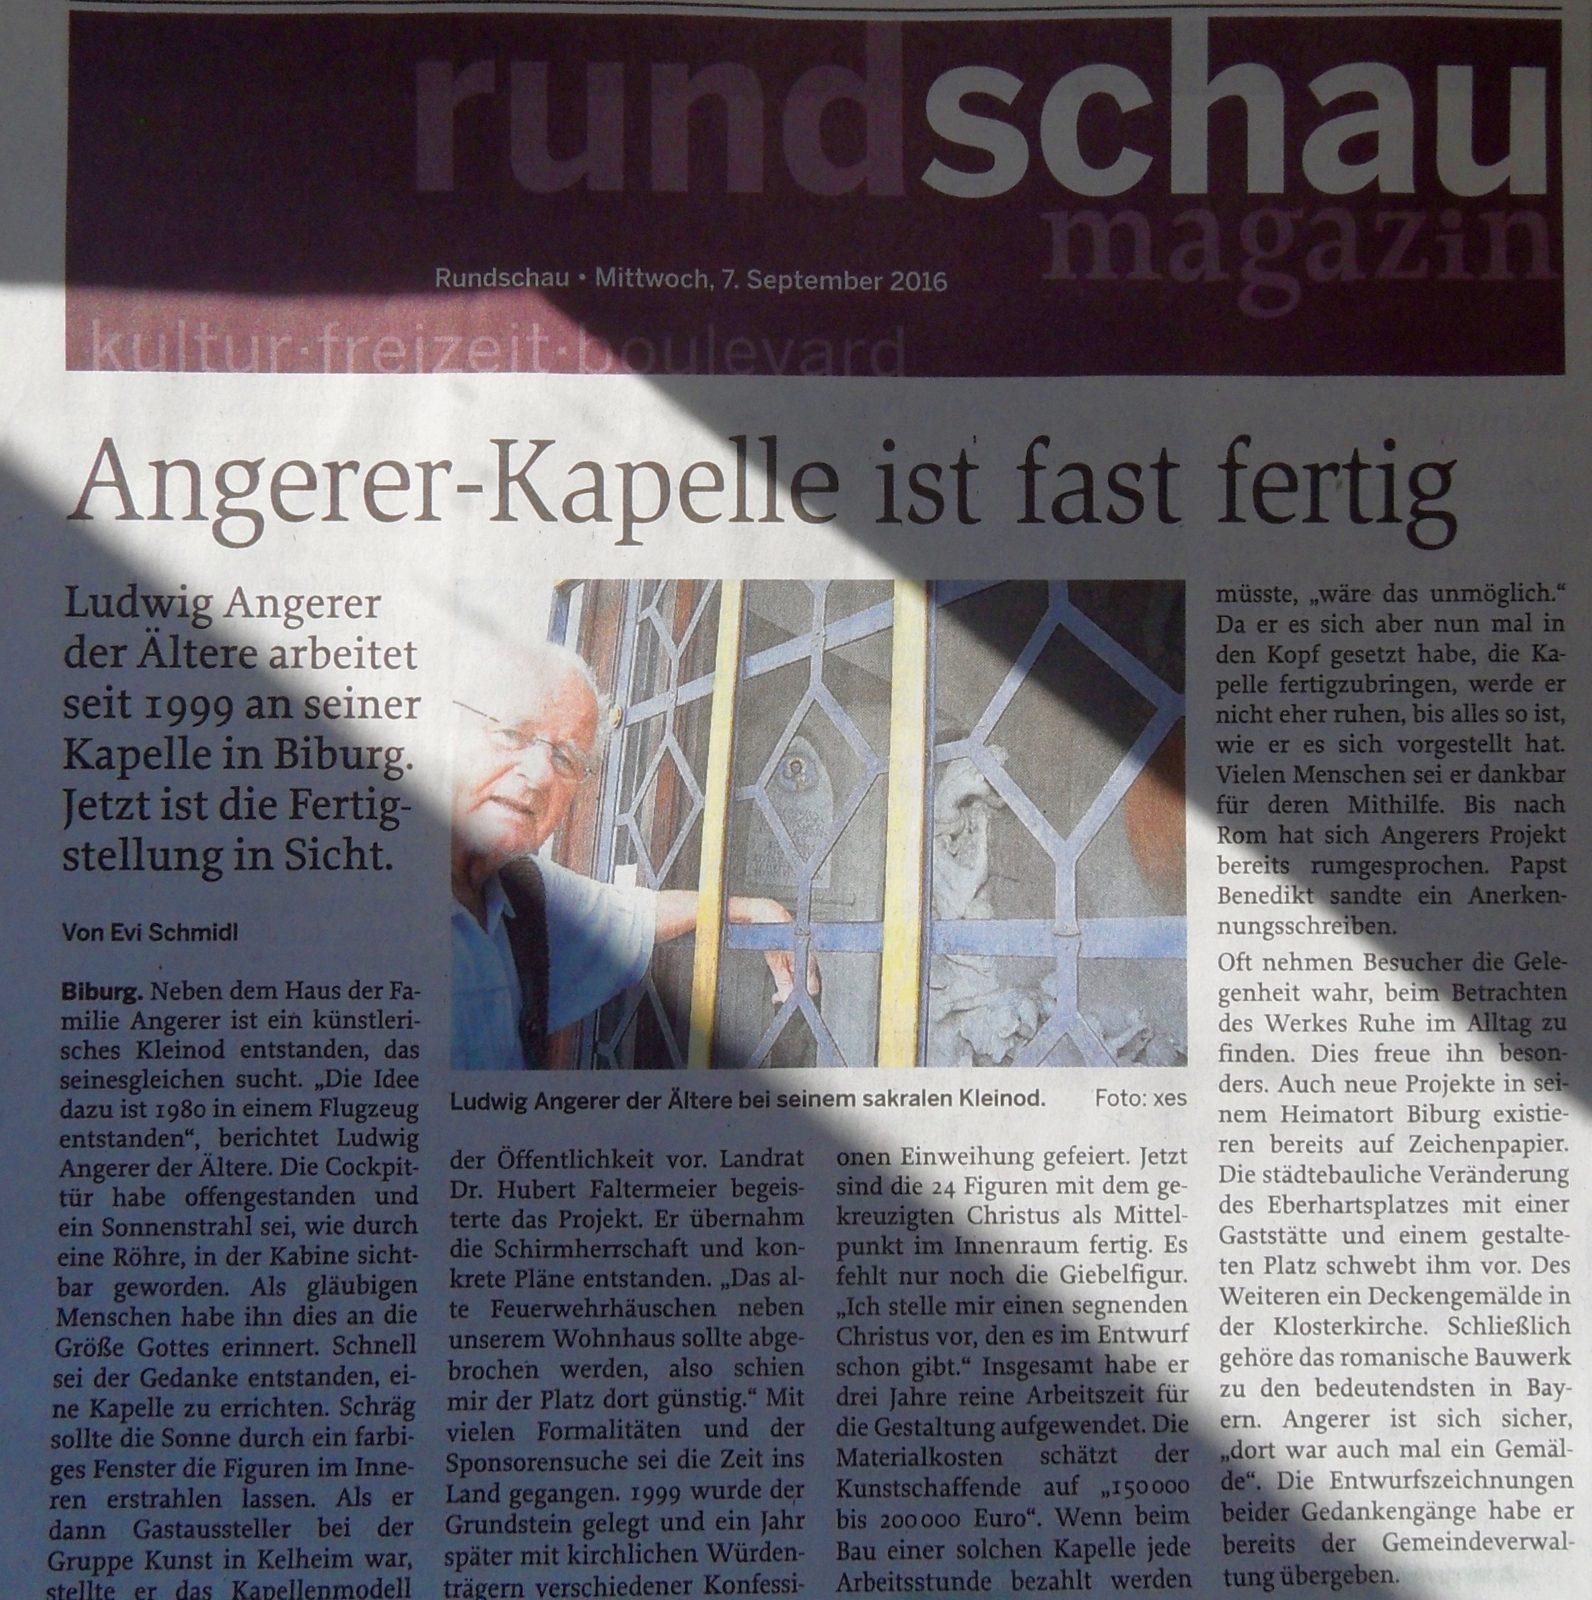 Rundschau_Erloeserk_7.9.16_2